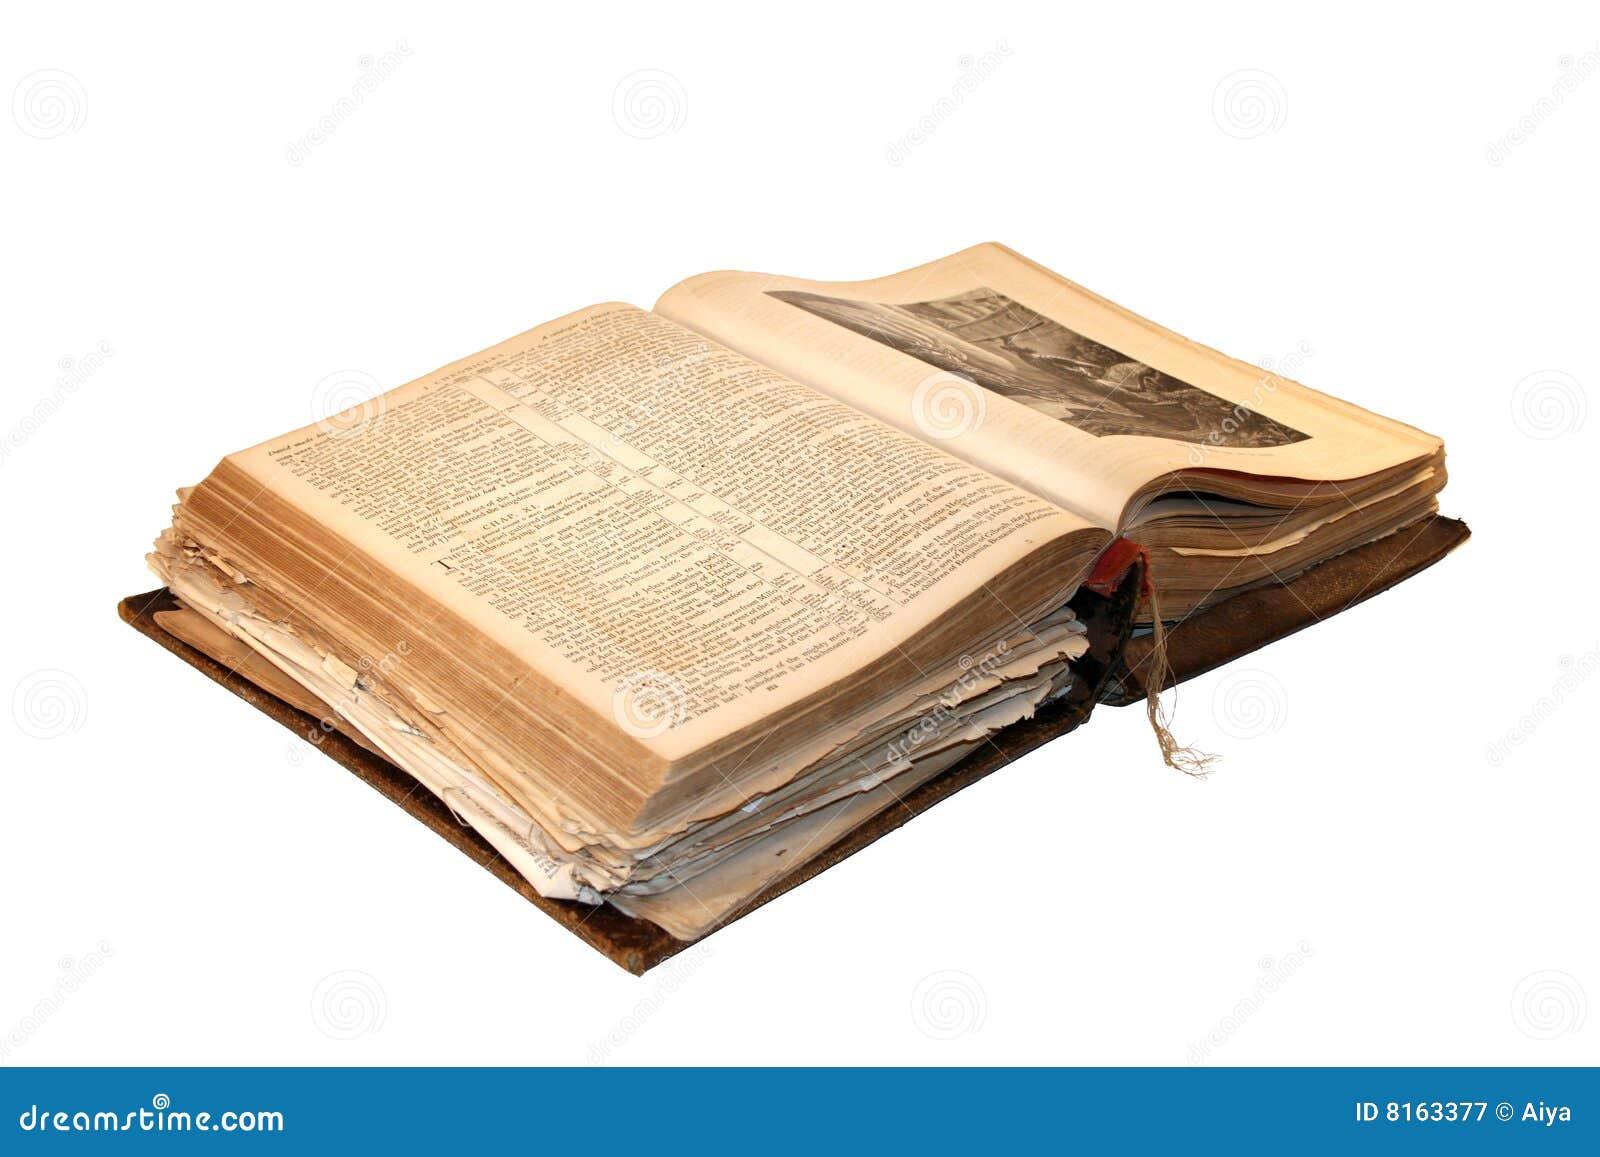 satanic bible download free